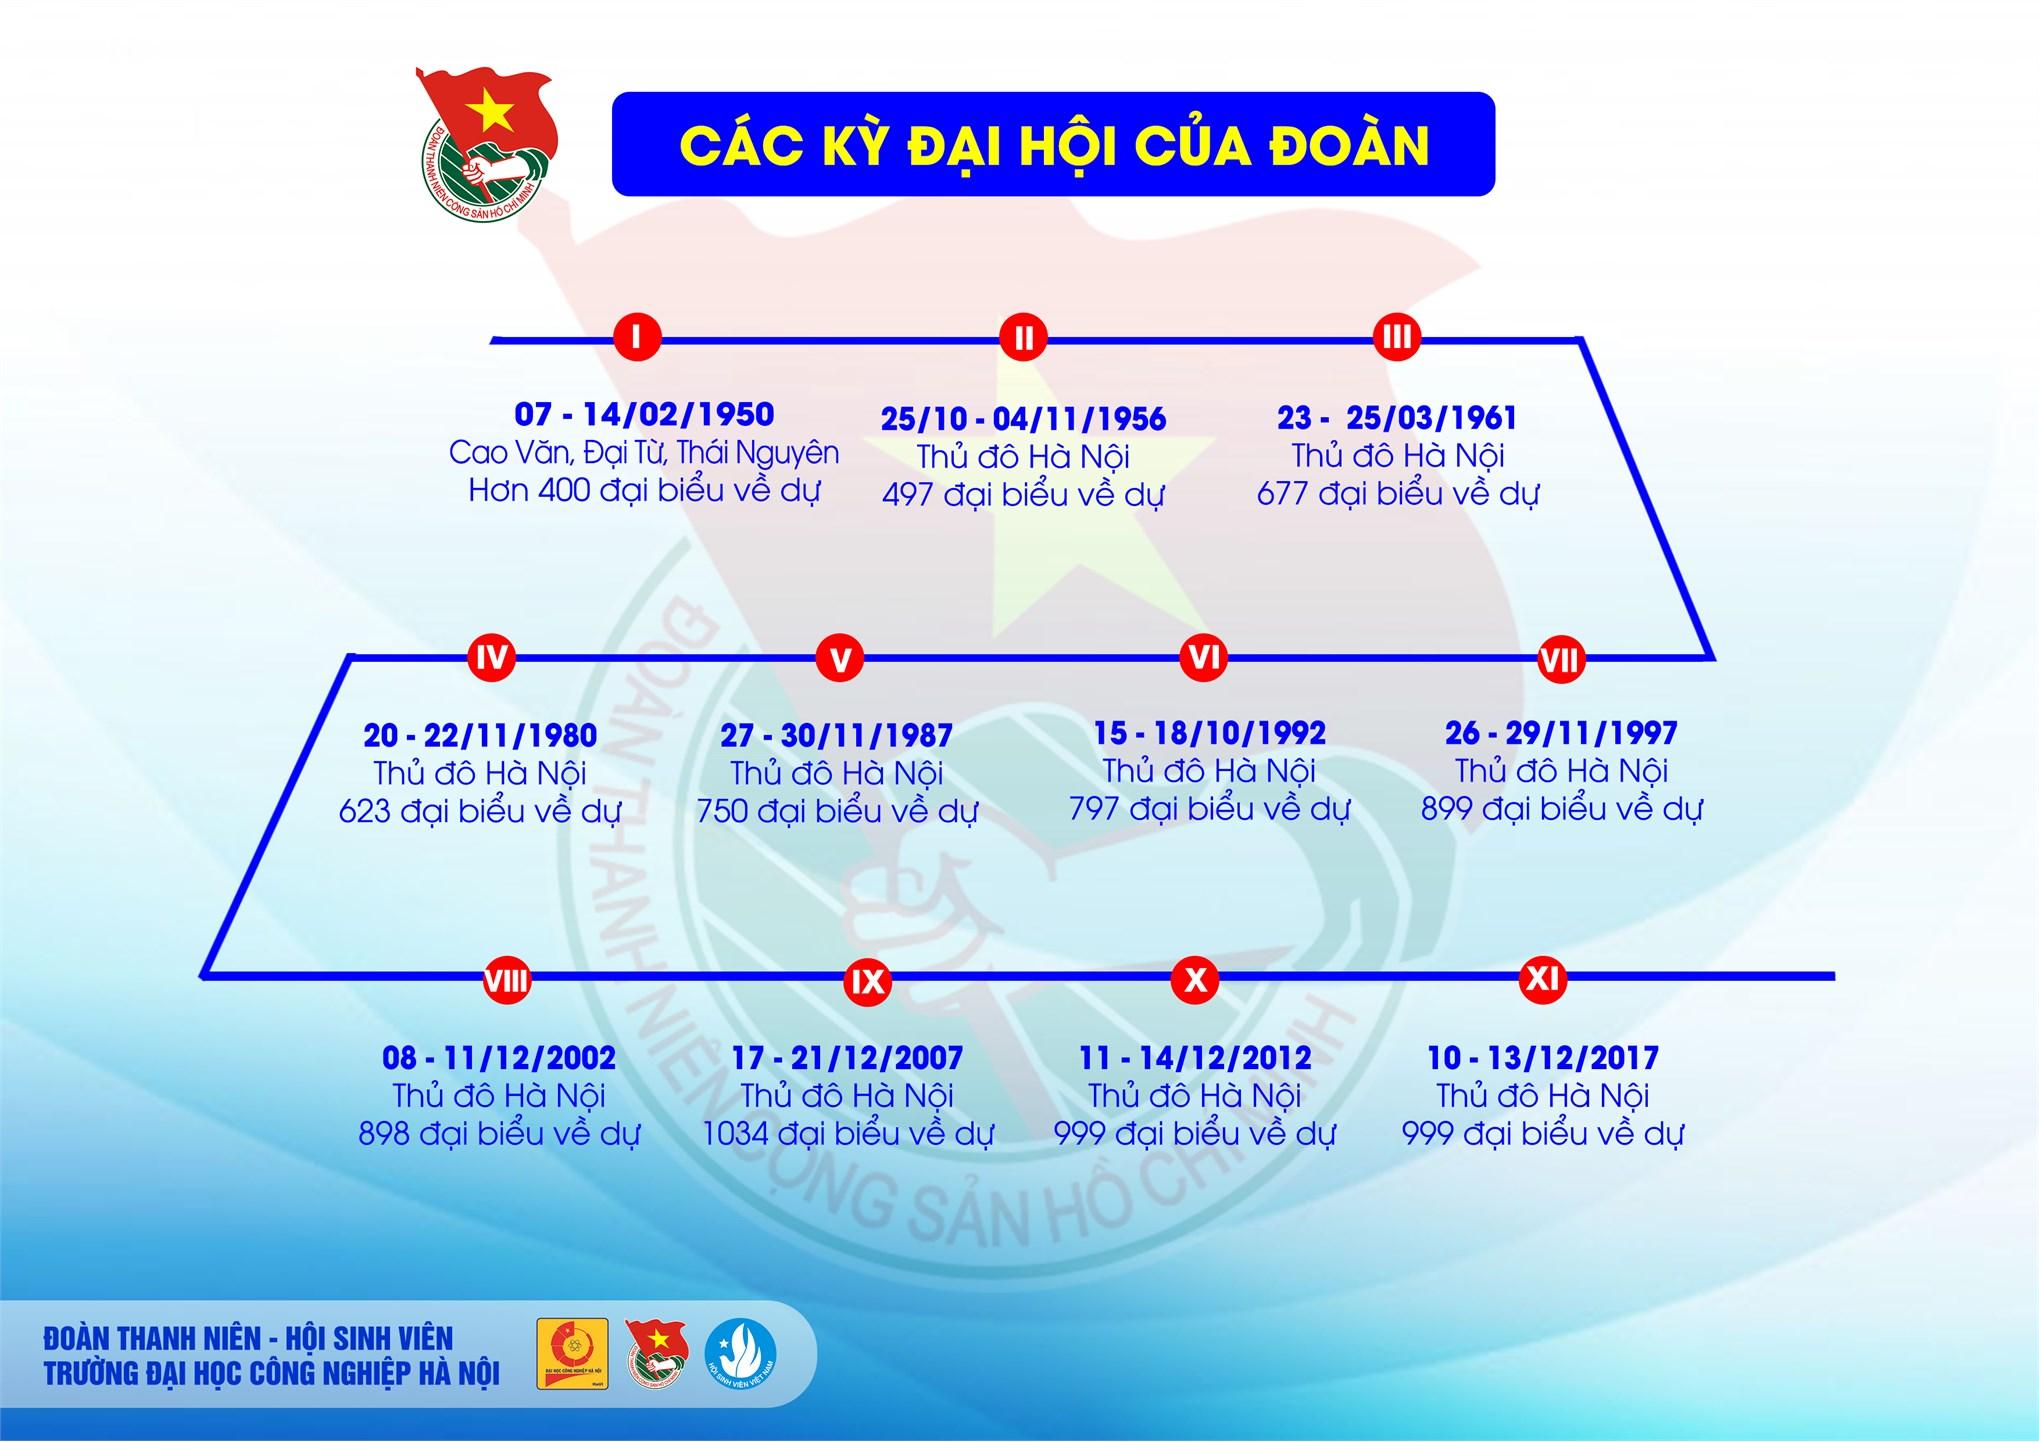 90 năm hình thành và phát triển của Đoàn TNCS Hồ Chí Minh (1931 - 2021)